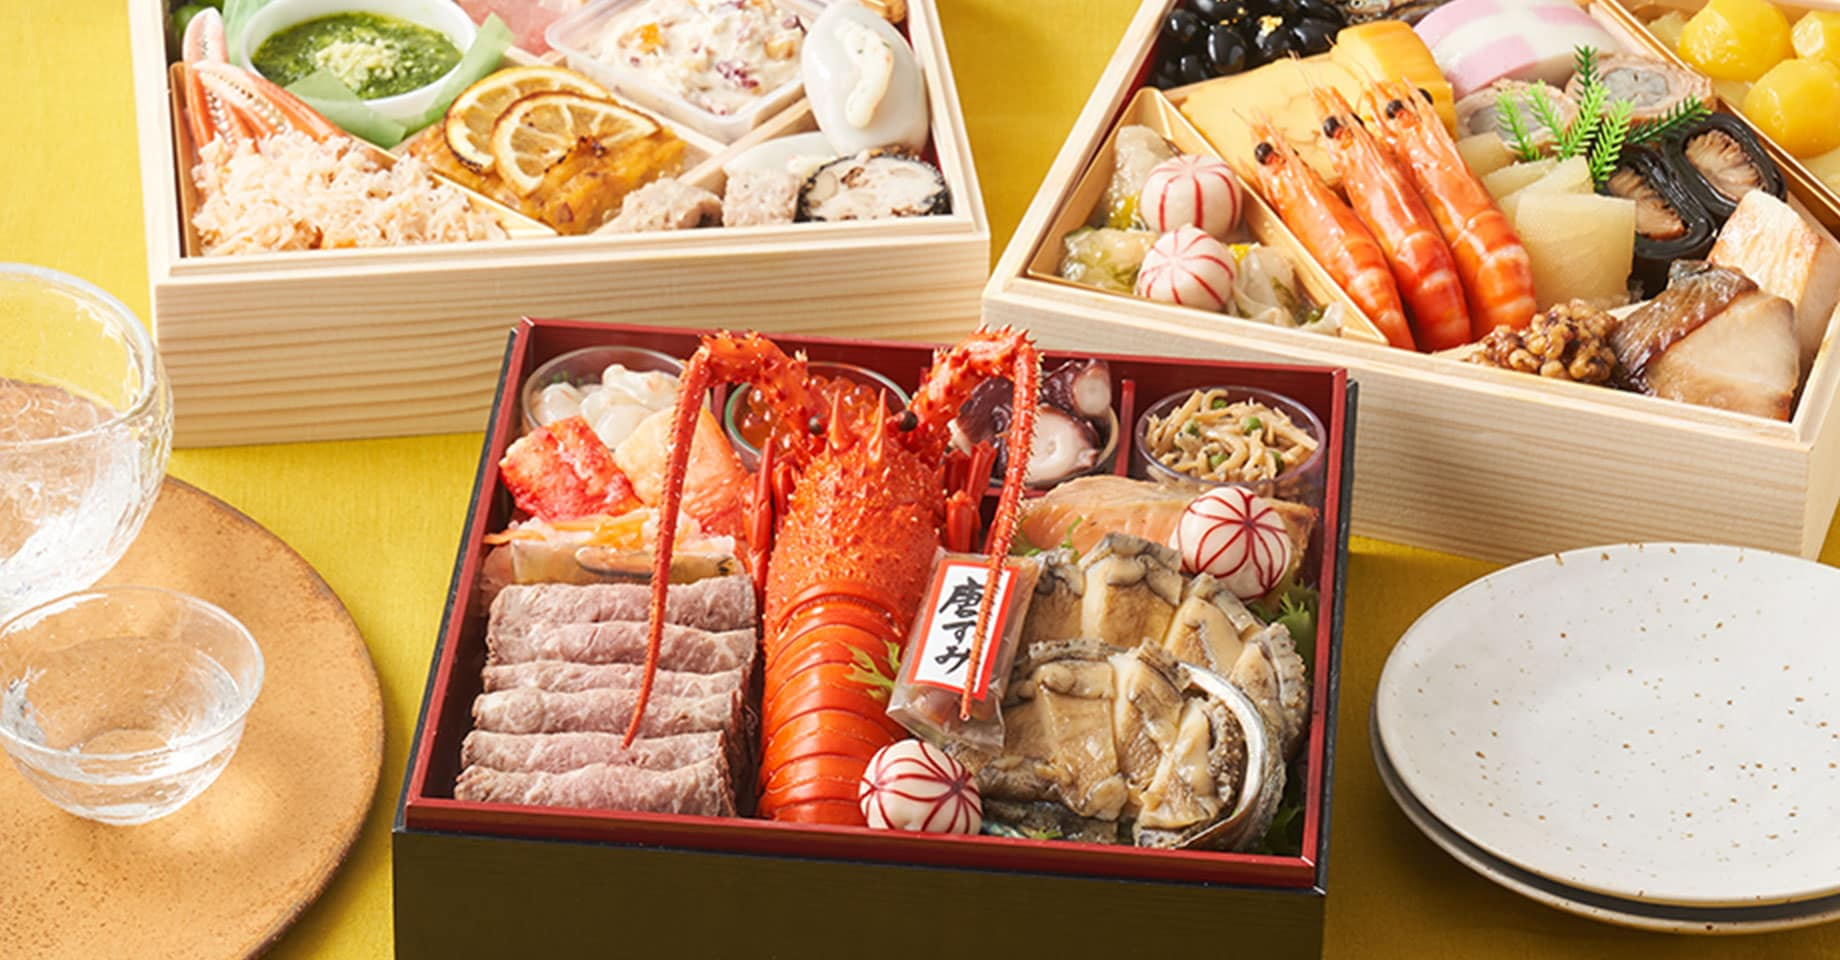 高砂×豪華海鮮オードブル 萬福のイメージ画像